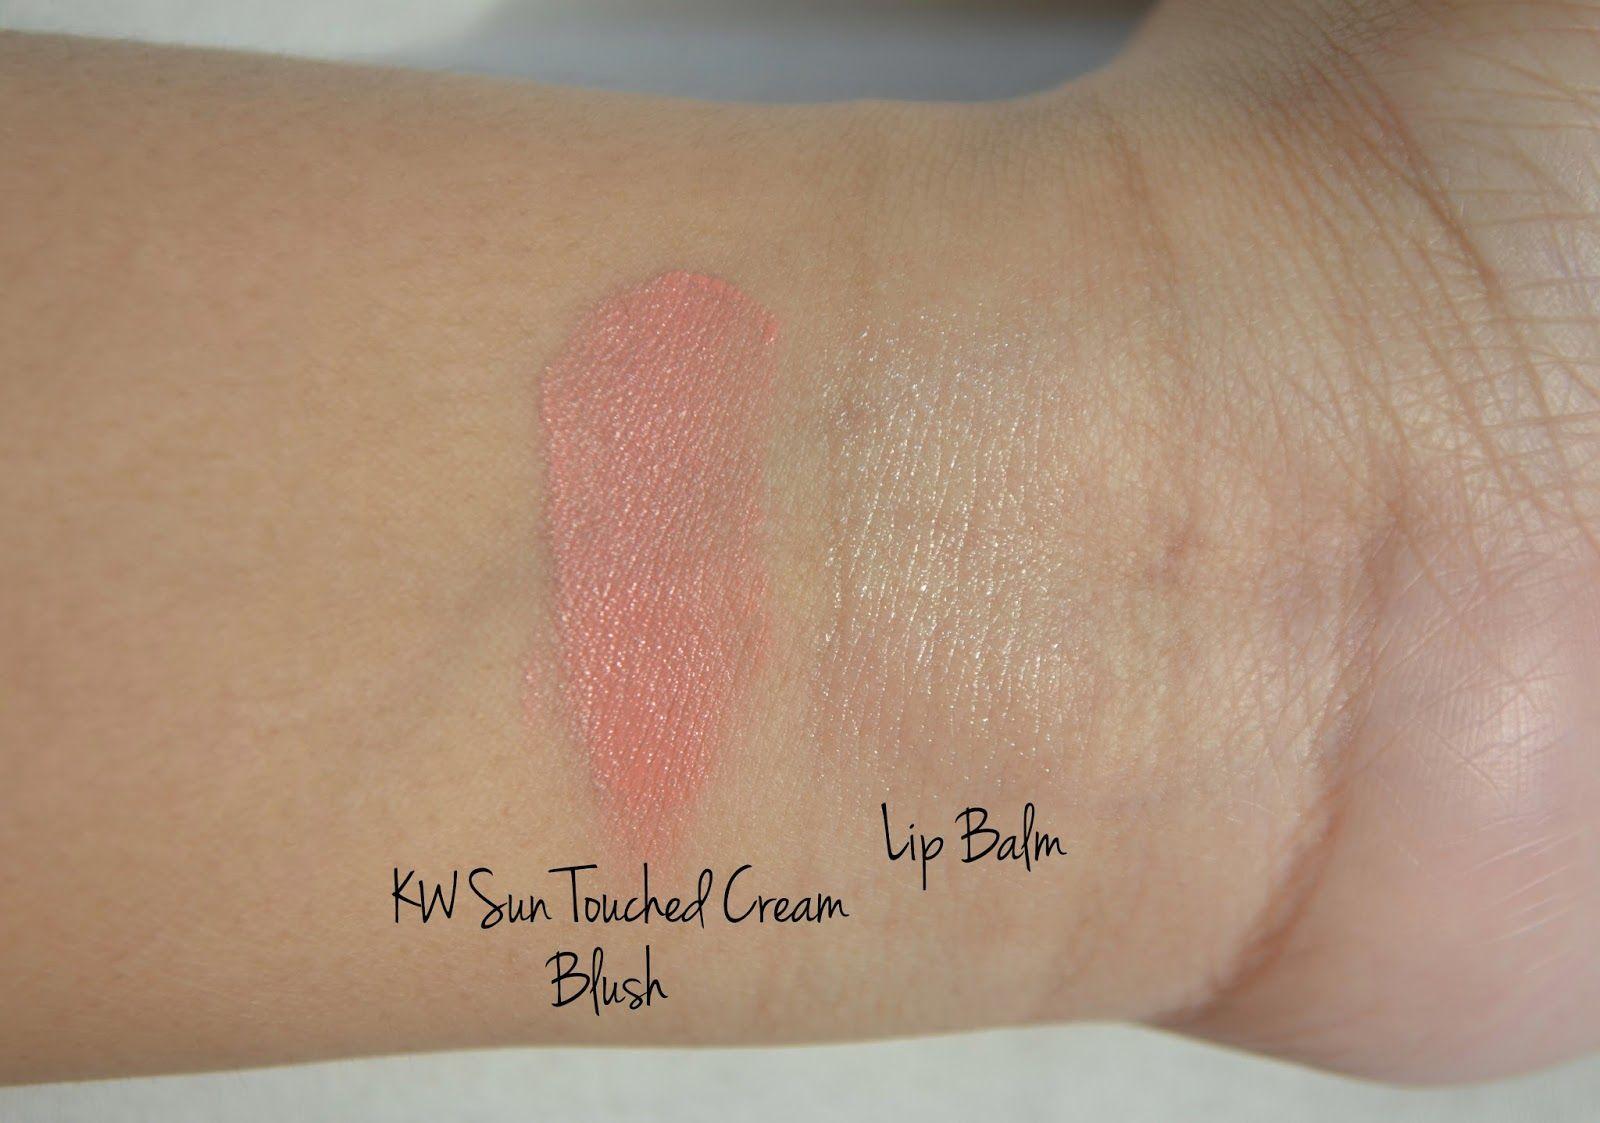 Cream Blush by cle de peau #9